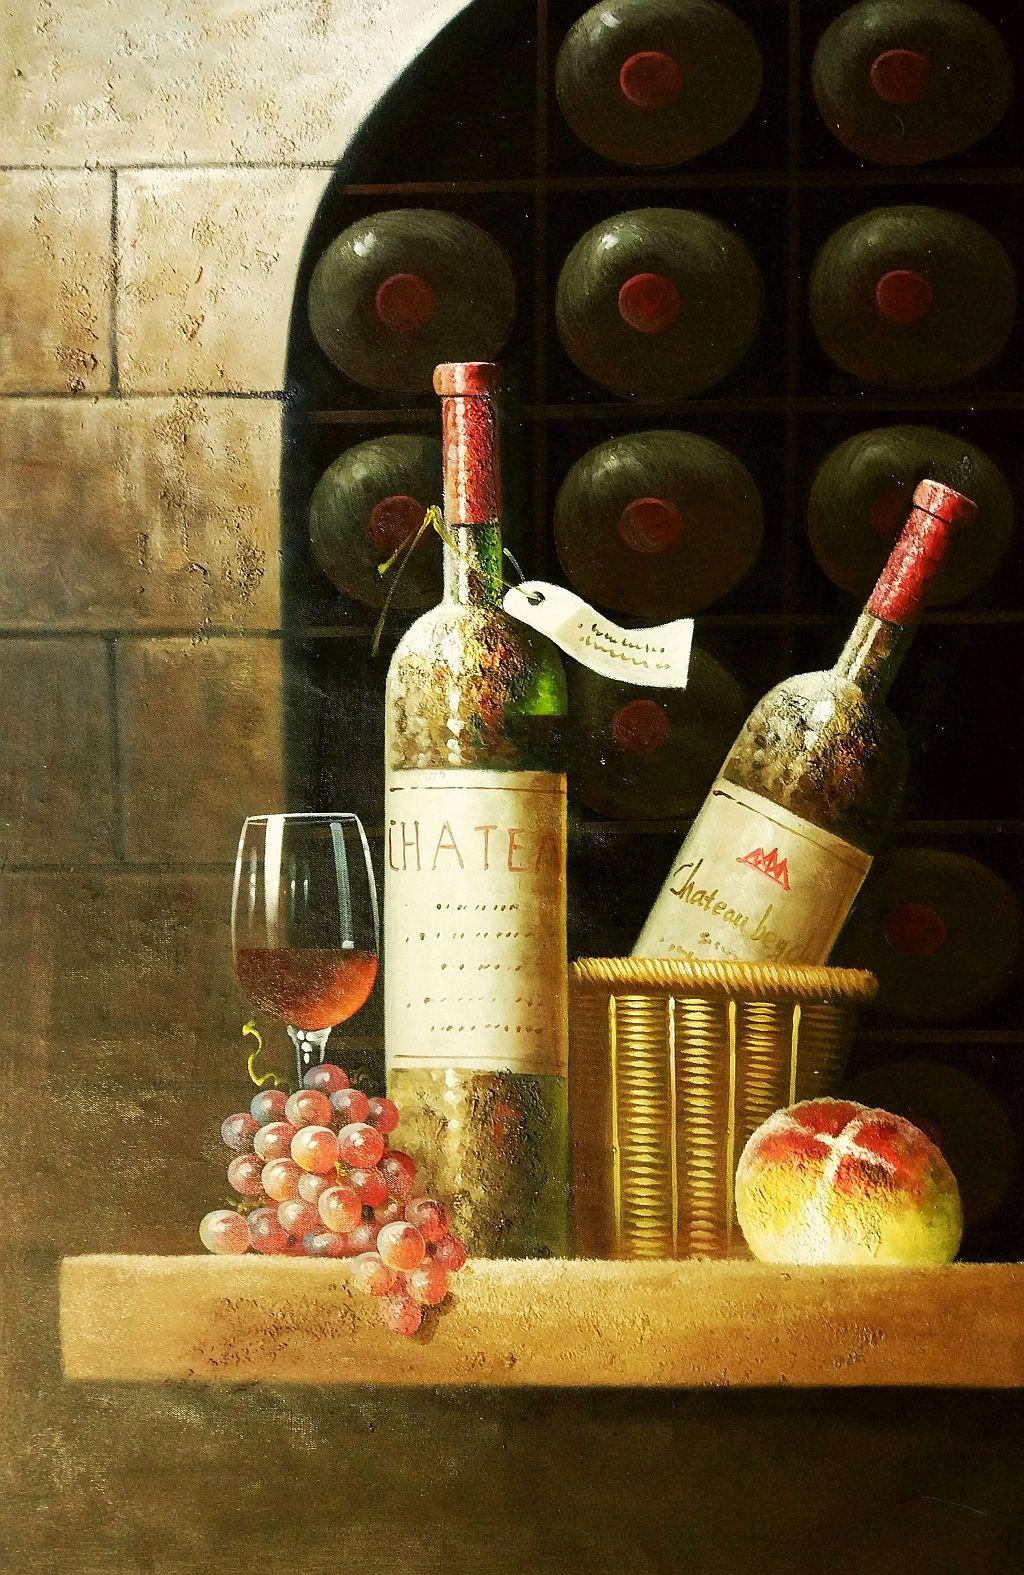 Klassisches Stillleben mit Weinflaschen d92295 G 60x90cm exzellentes Ölbild